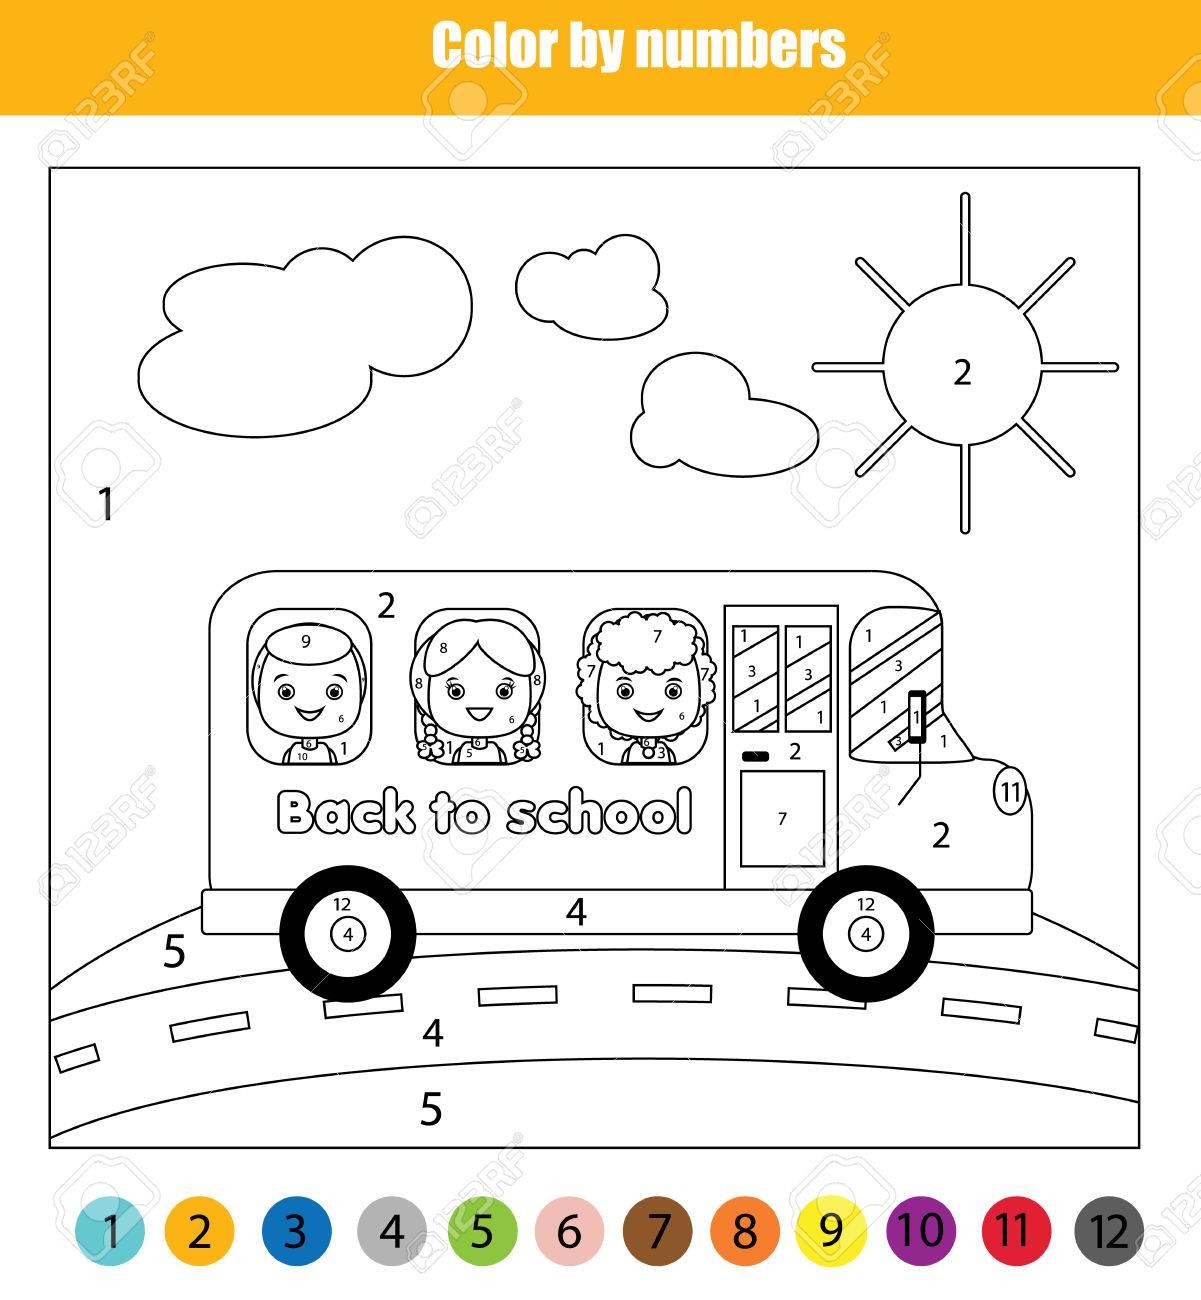 Malvorlage Mit Kindern Im Schulbus Unterwegs. Farbe Durch Zahlen ...